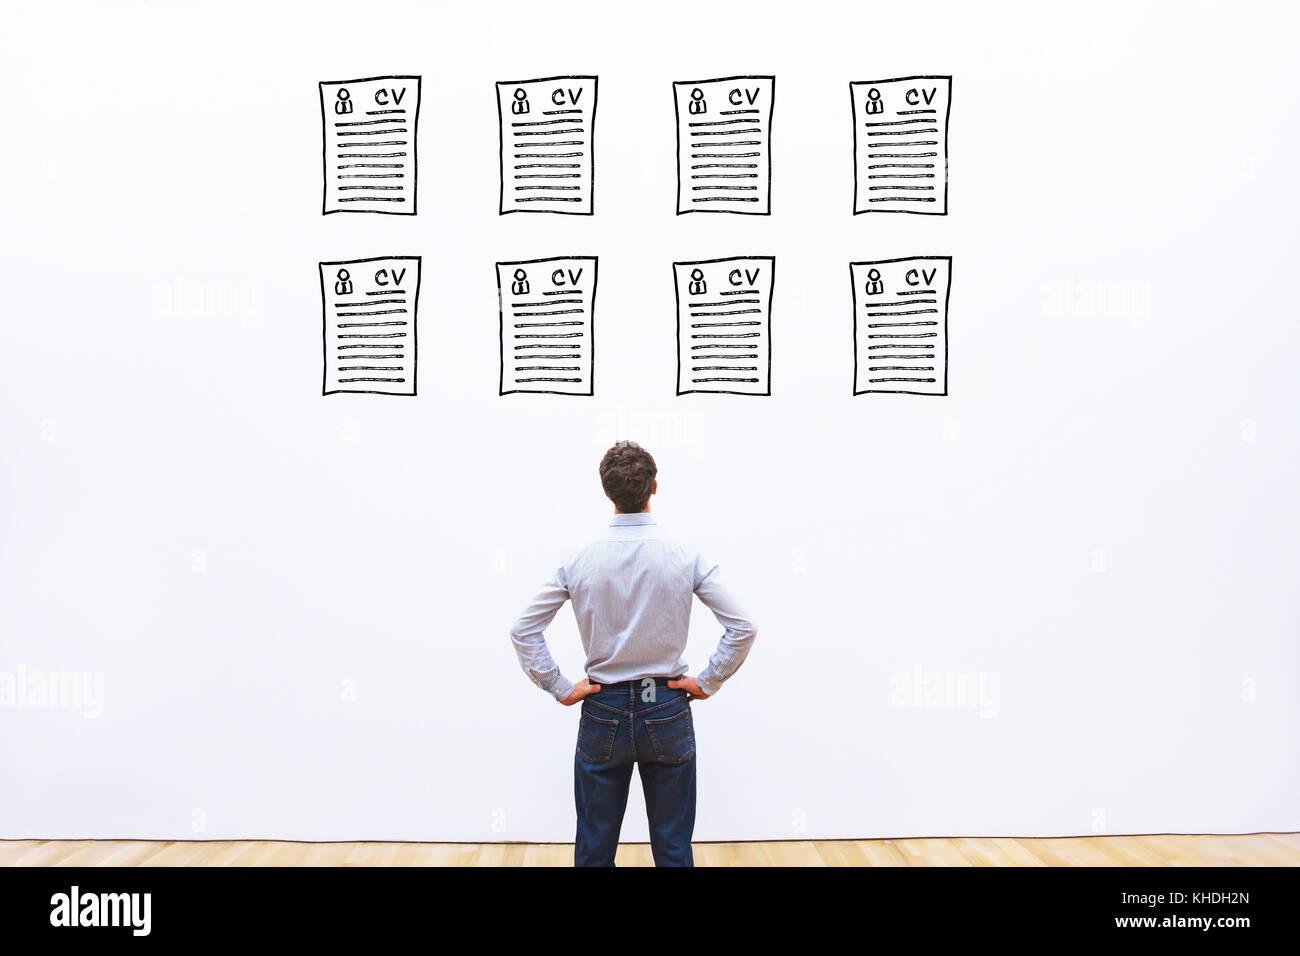 Human Resource Specialist Imágenes De Stock & Human Resource ...